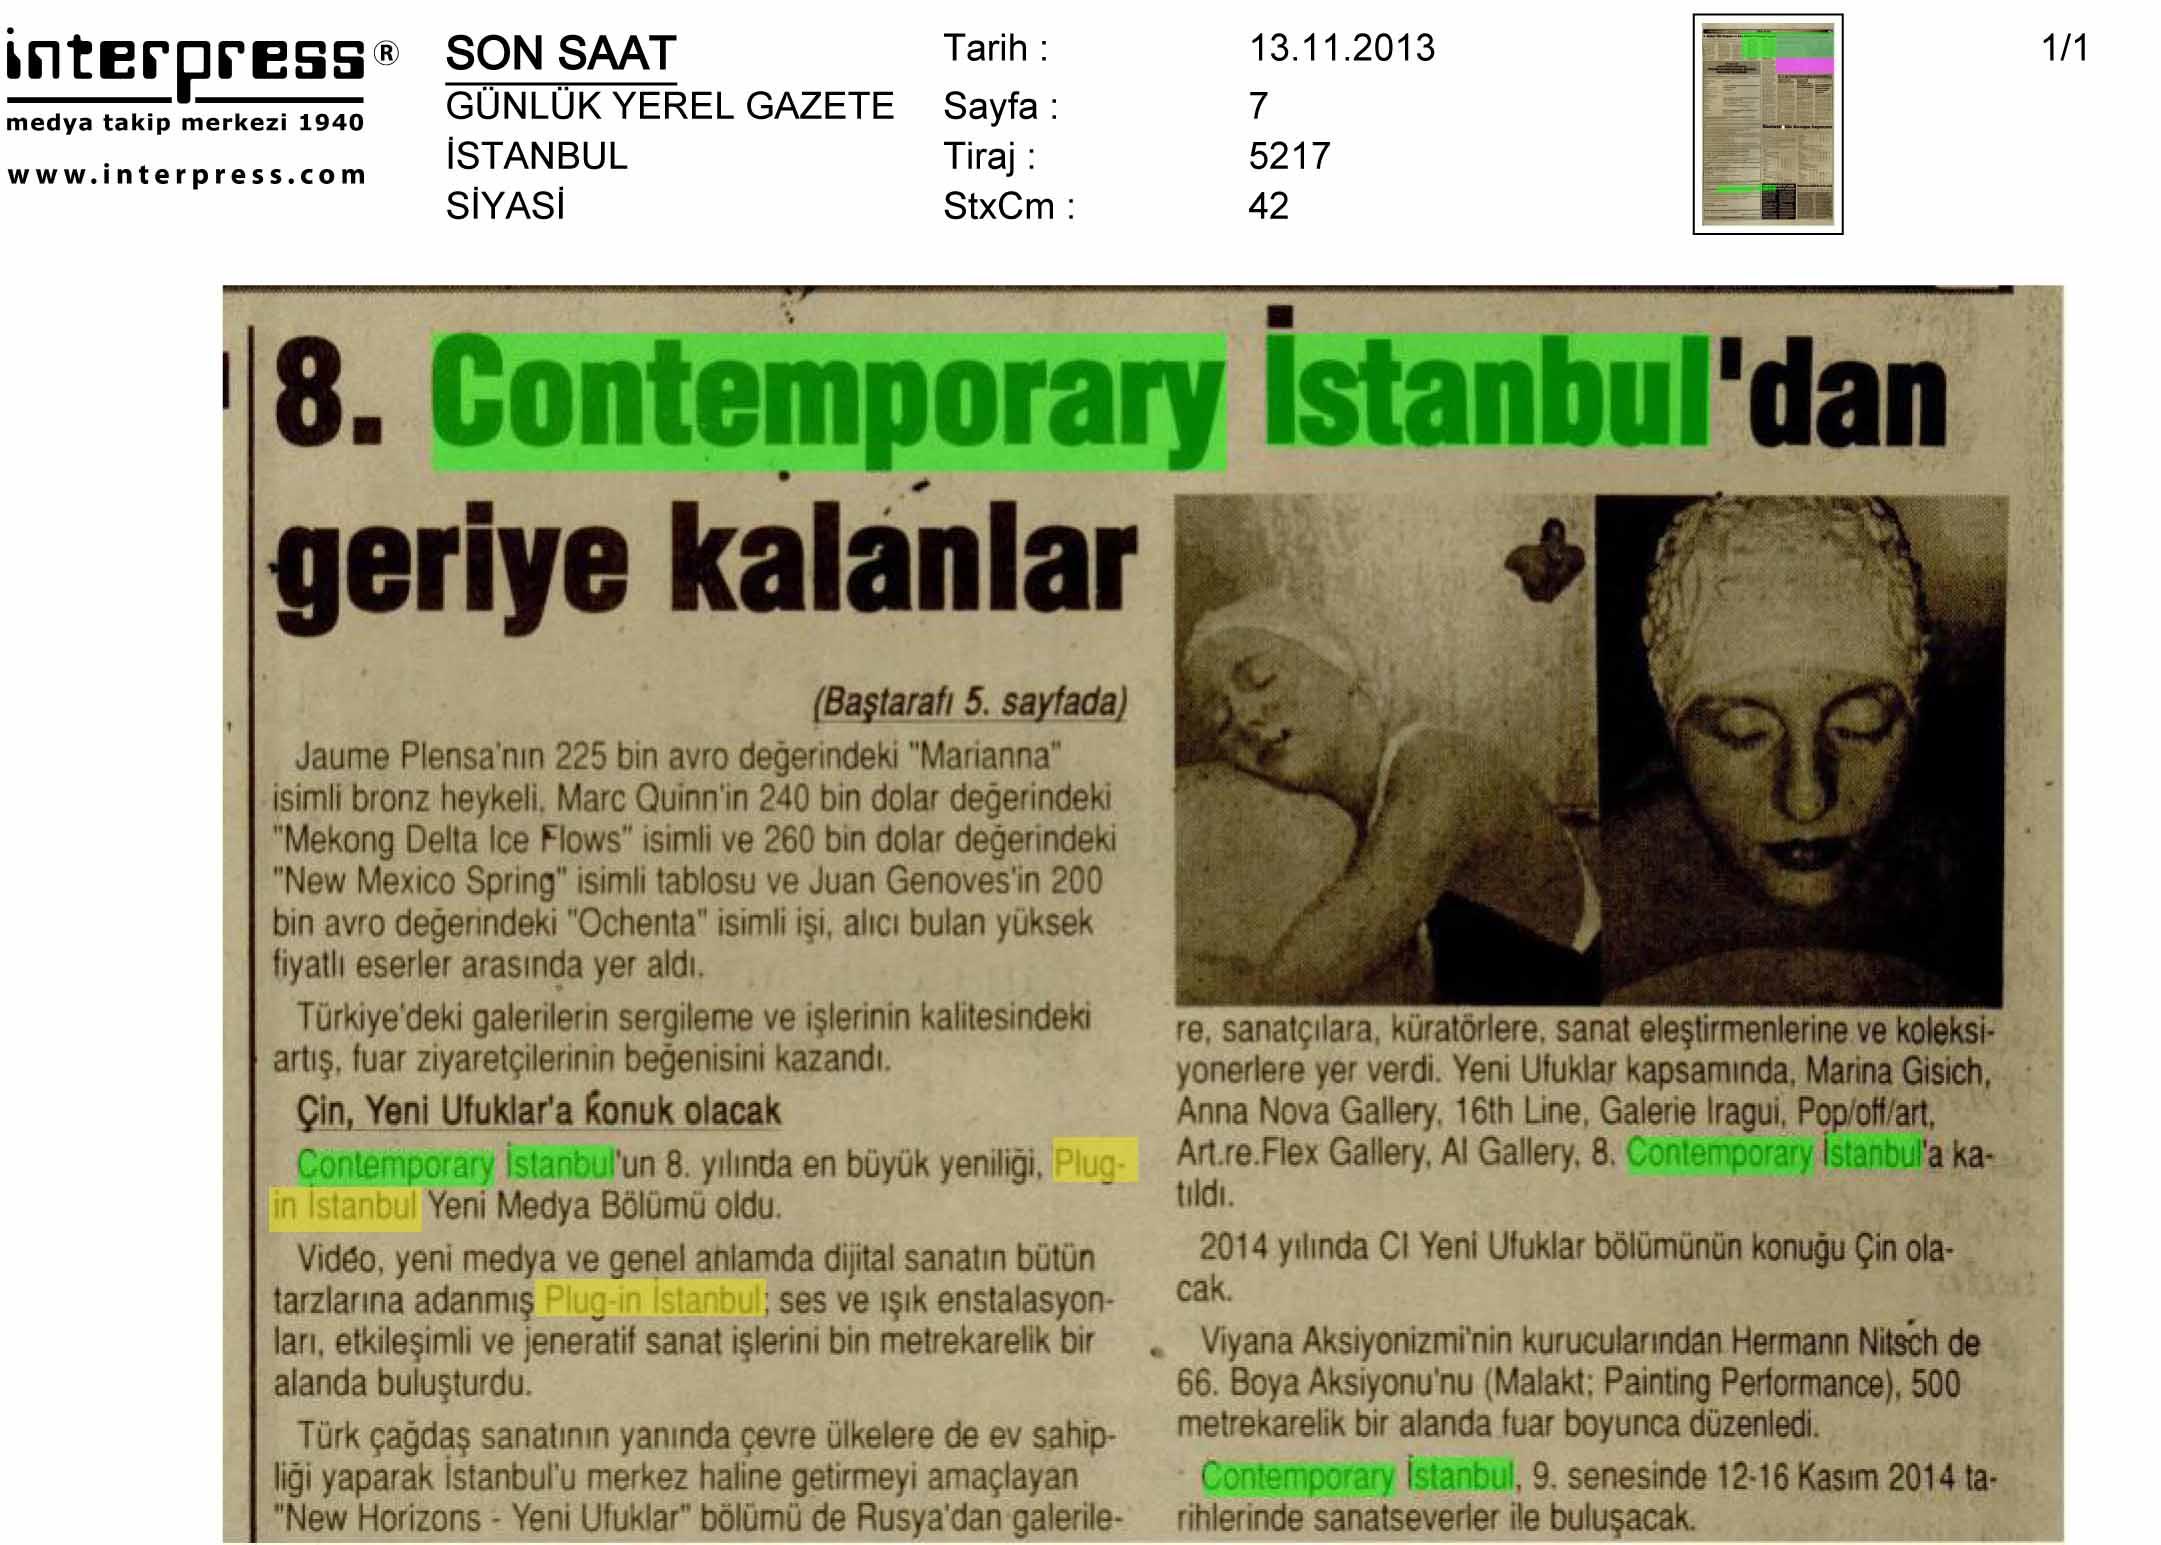 Son Saat 2 - Yerel Günlük Gazete - 13.jpg